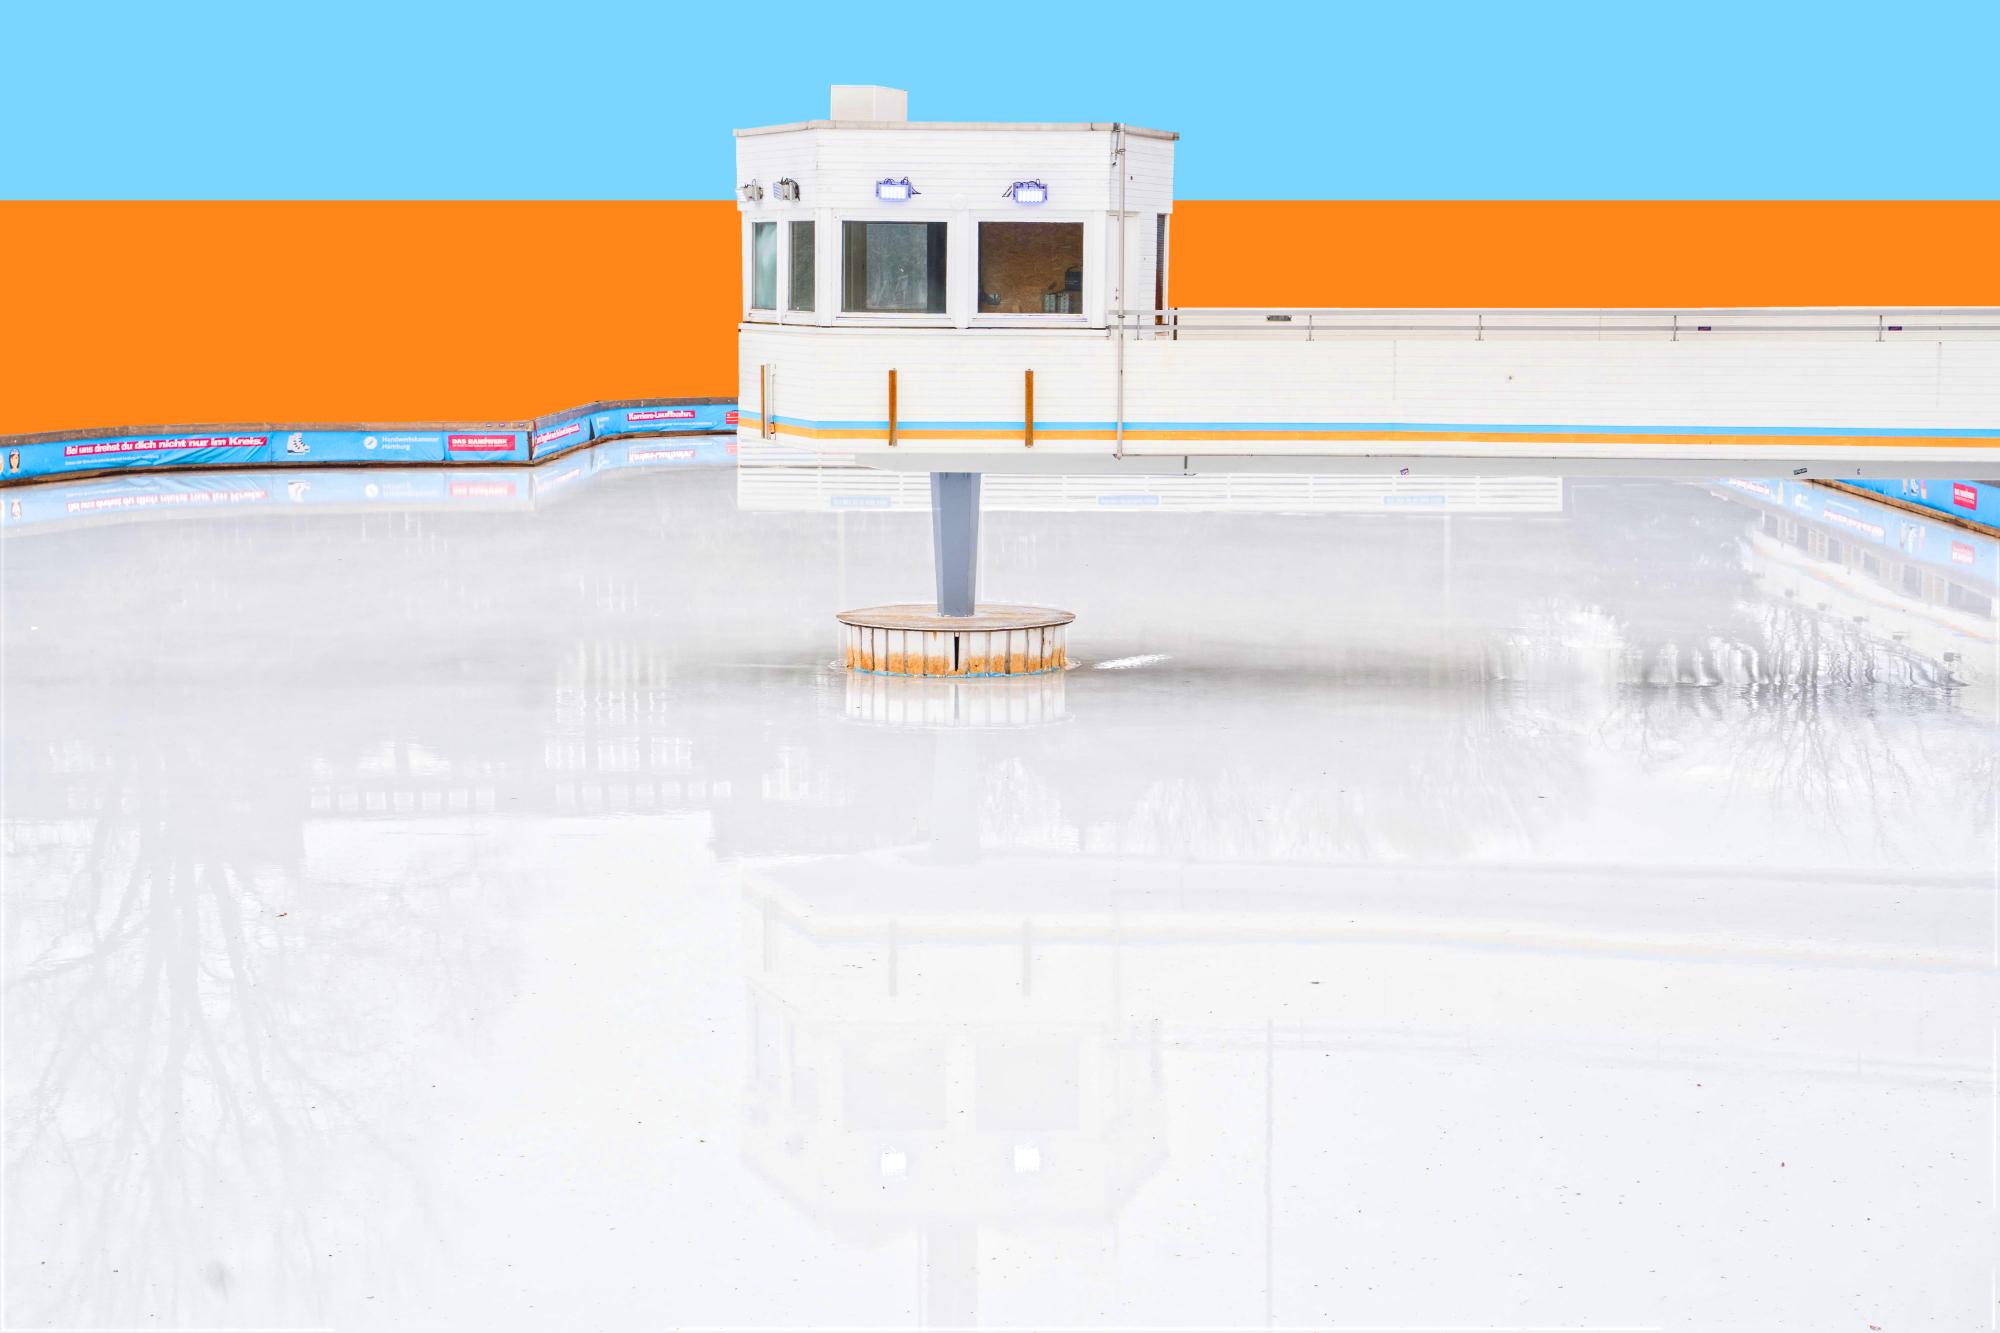 Eisbahn Kopie2